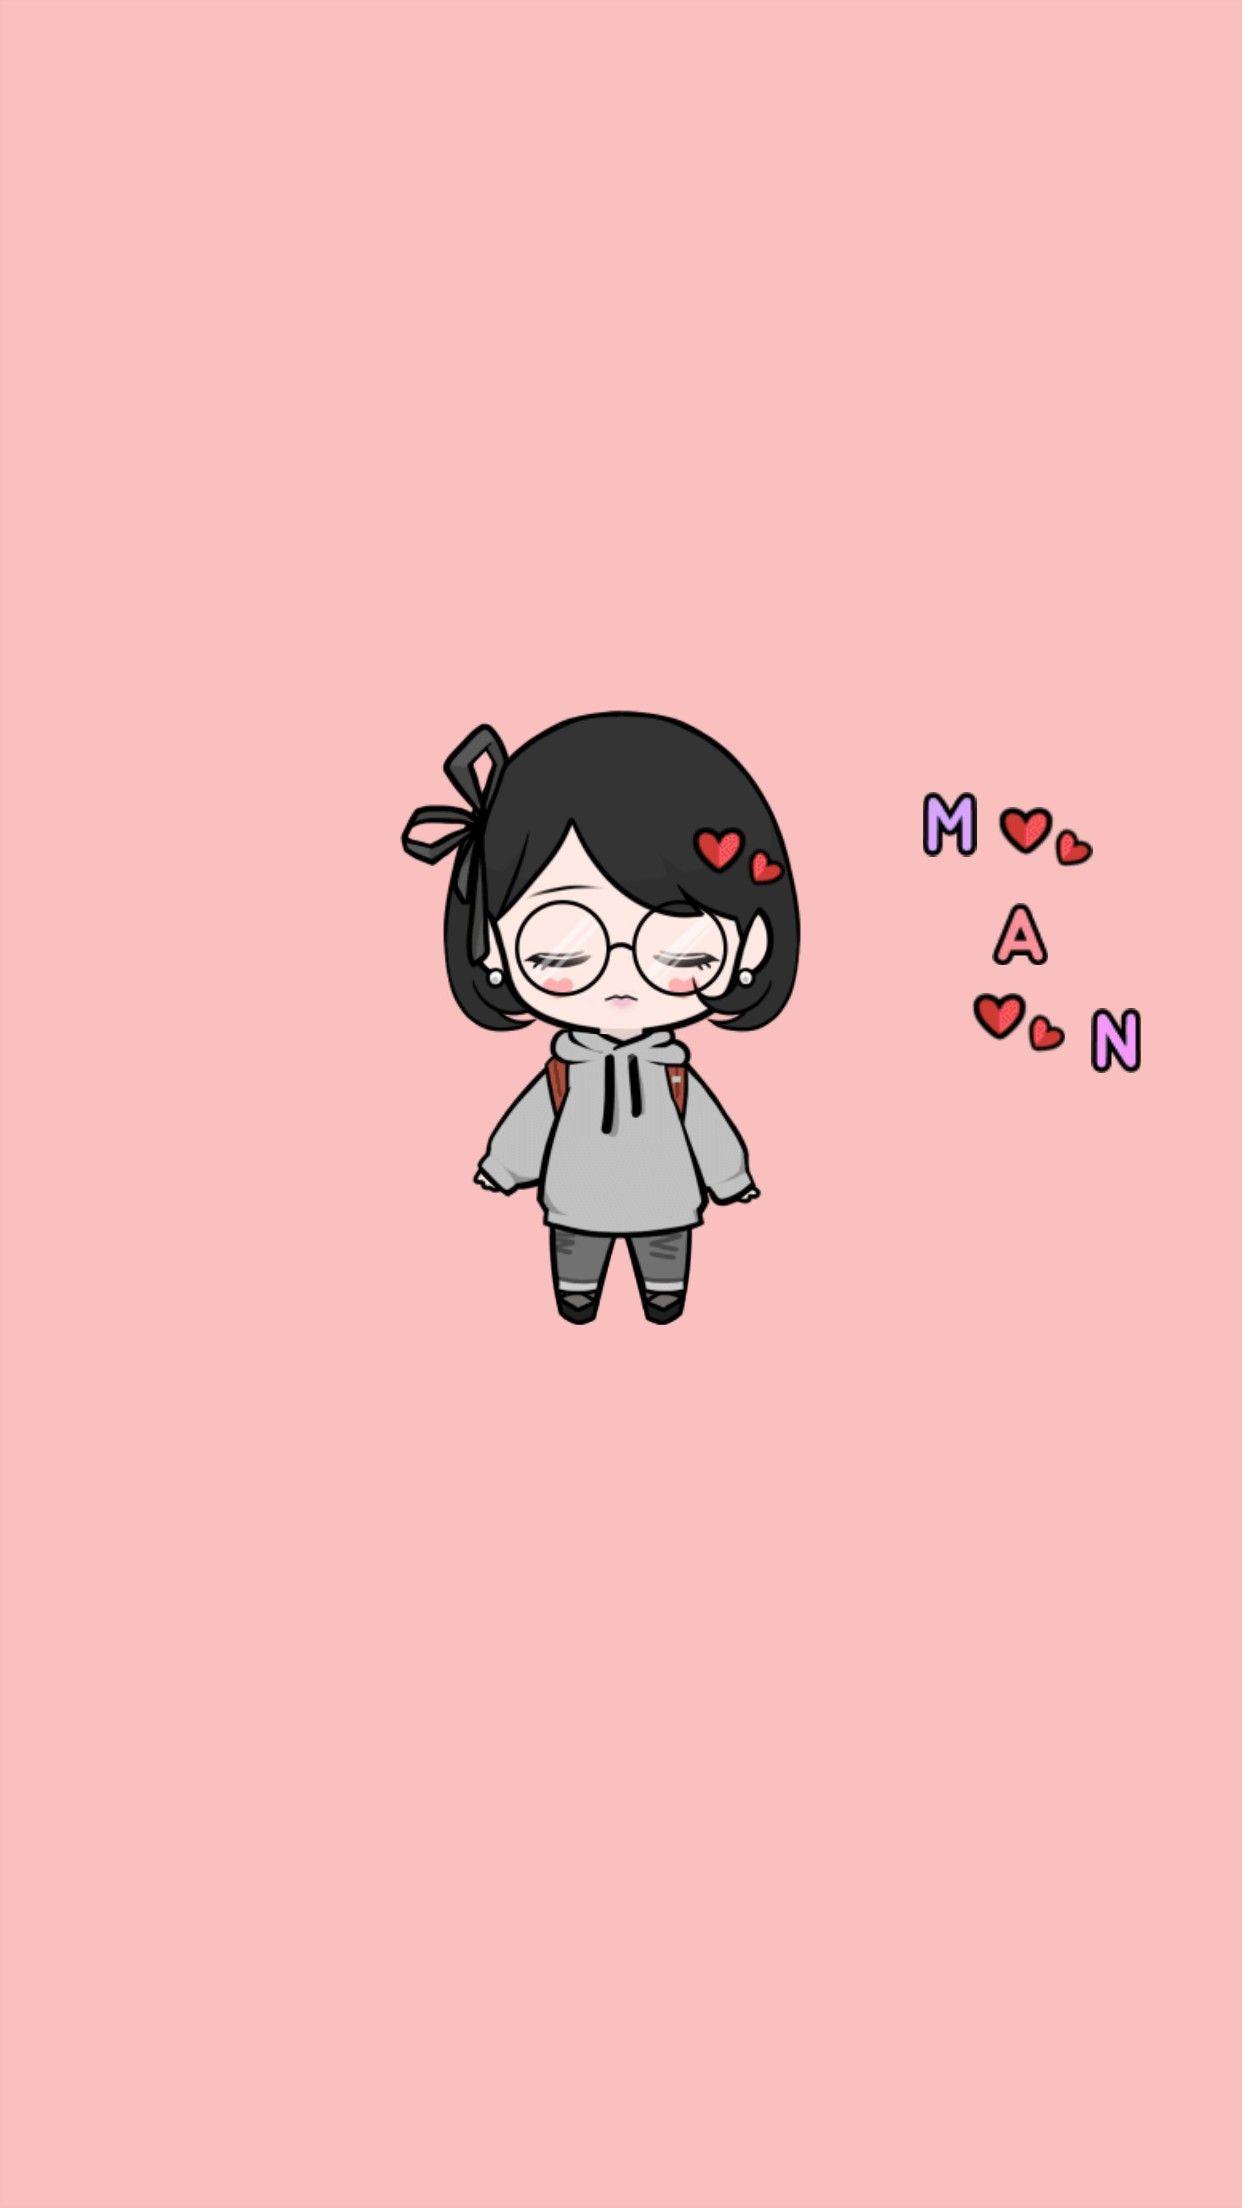 Pin Oleh Yuli Merino Di My Animasi Desain Karakter Kartun Animasi